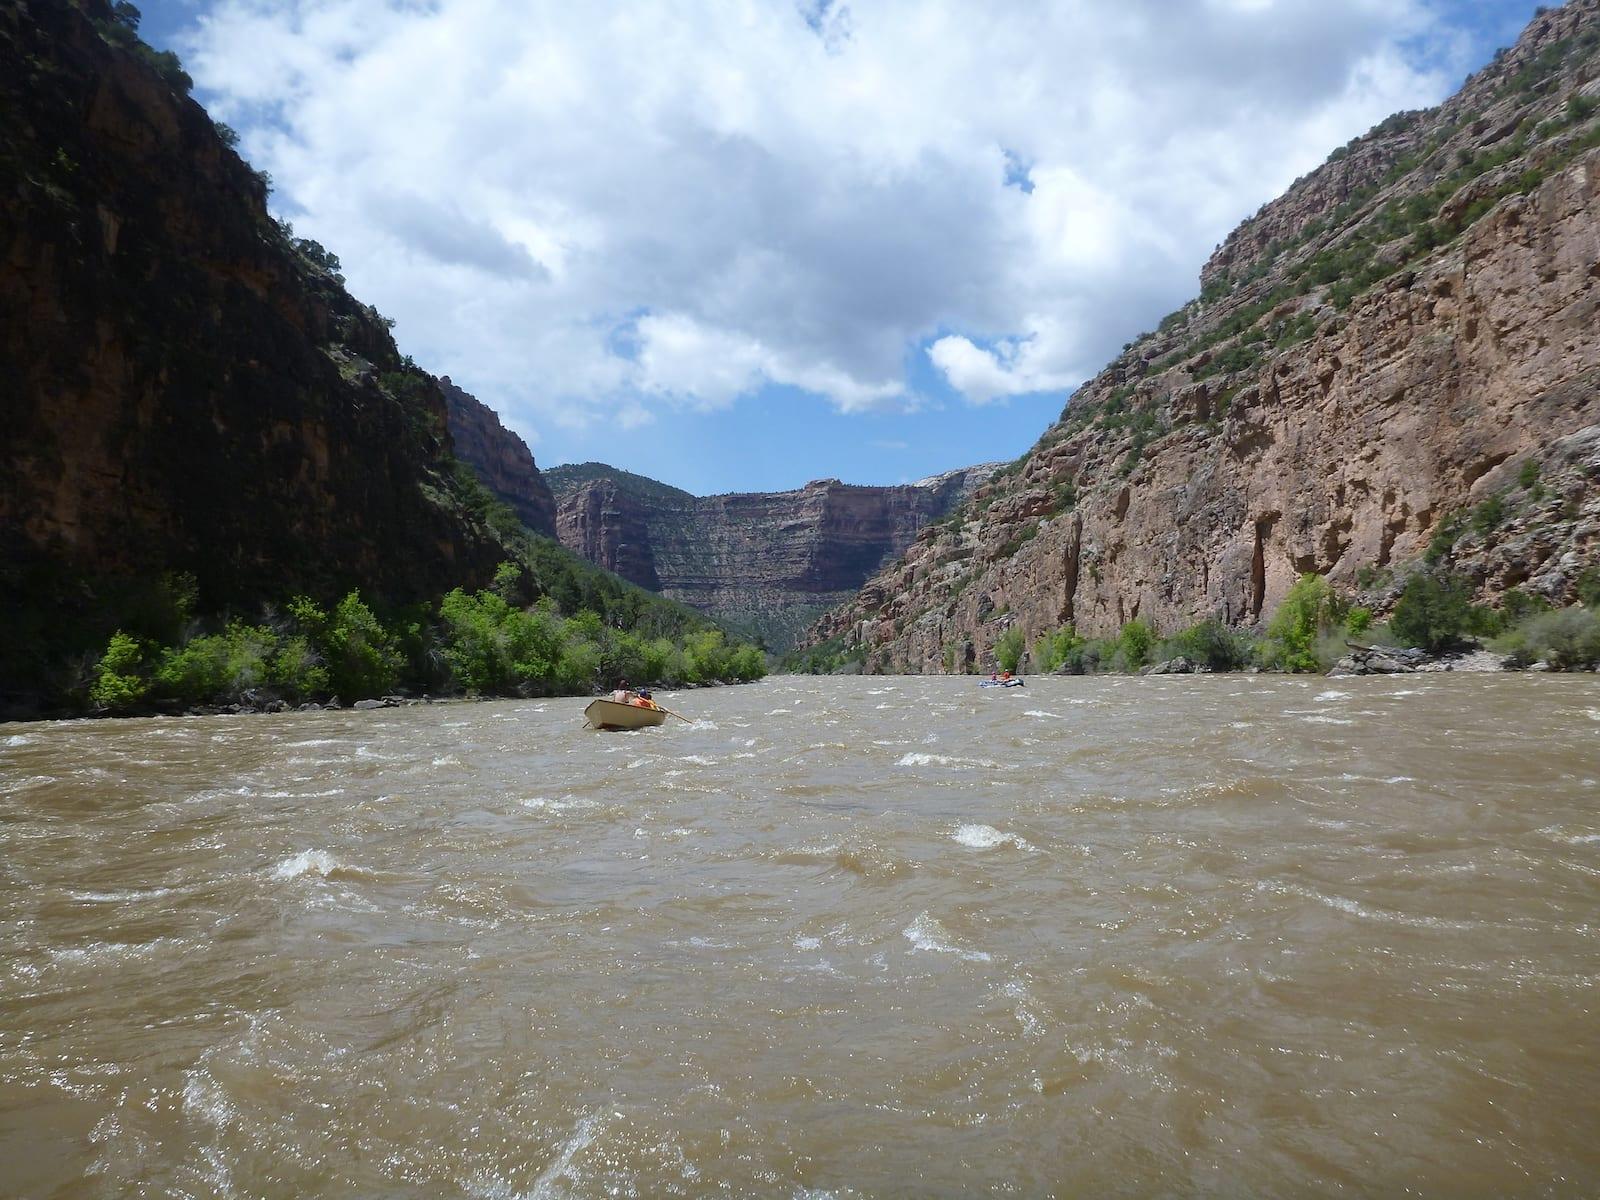 Yampa River Yampa Canyon Boating Moffat County Colorado